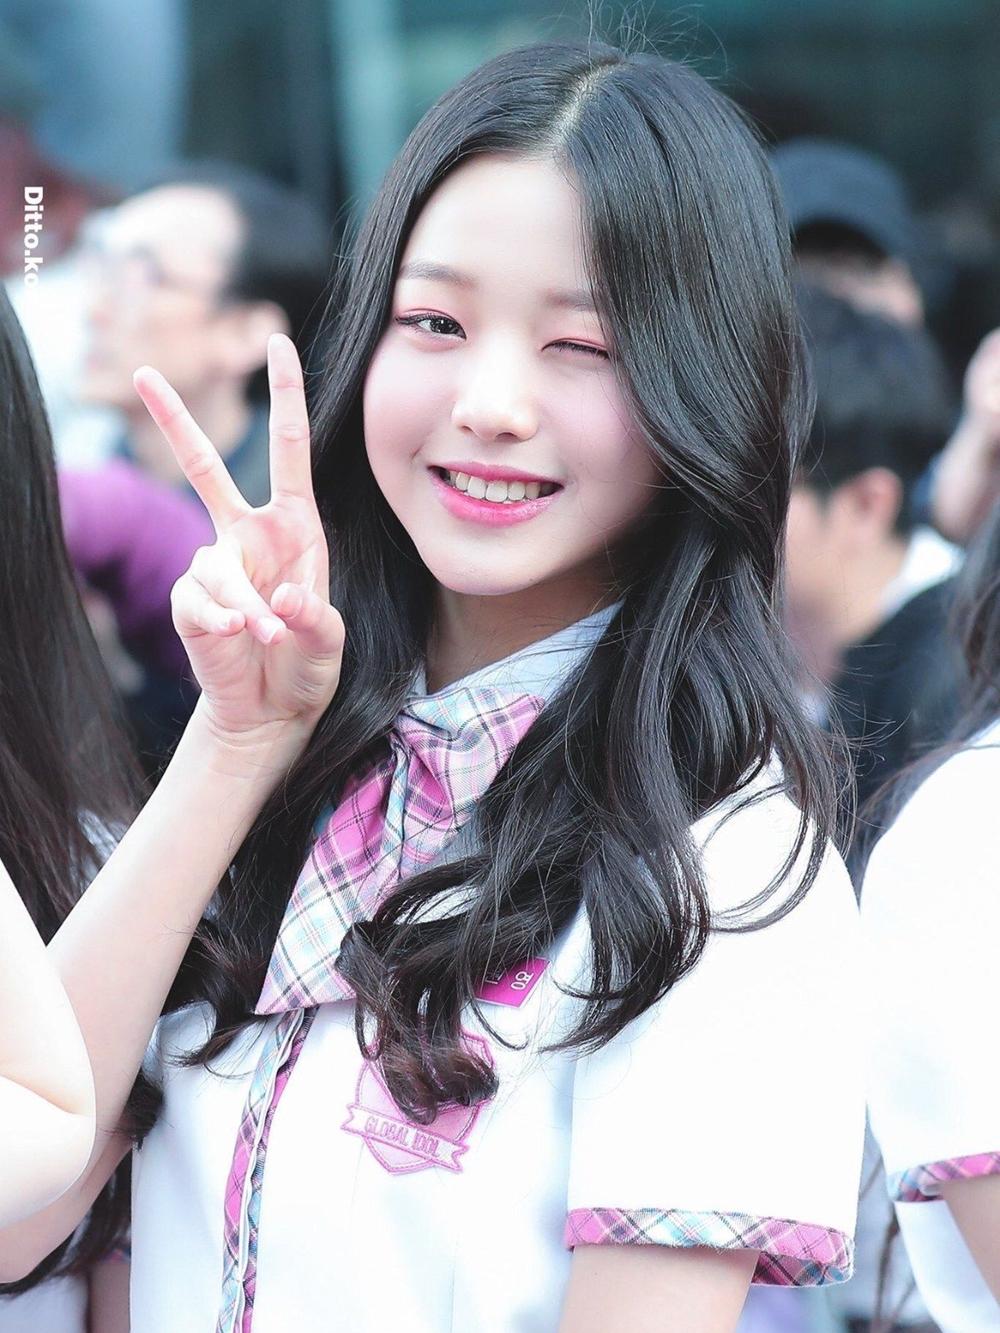 Năm 2018, Jang Won Young tham gia show Produce 48 khi cô mới chỉ 14 tuổi. Từ lần xuất hiện đầu tiên, cô nàng đã thu hút sự chú ý nhờ ngoại hình nổi bật, nét đáng yêu bầu bĩnh trên gương mặt.